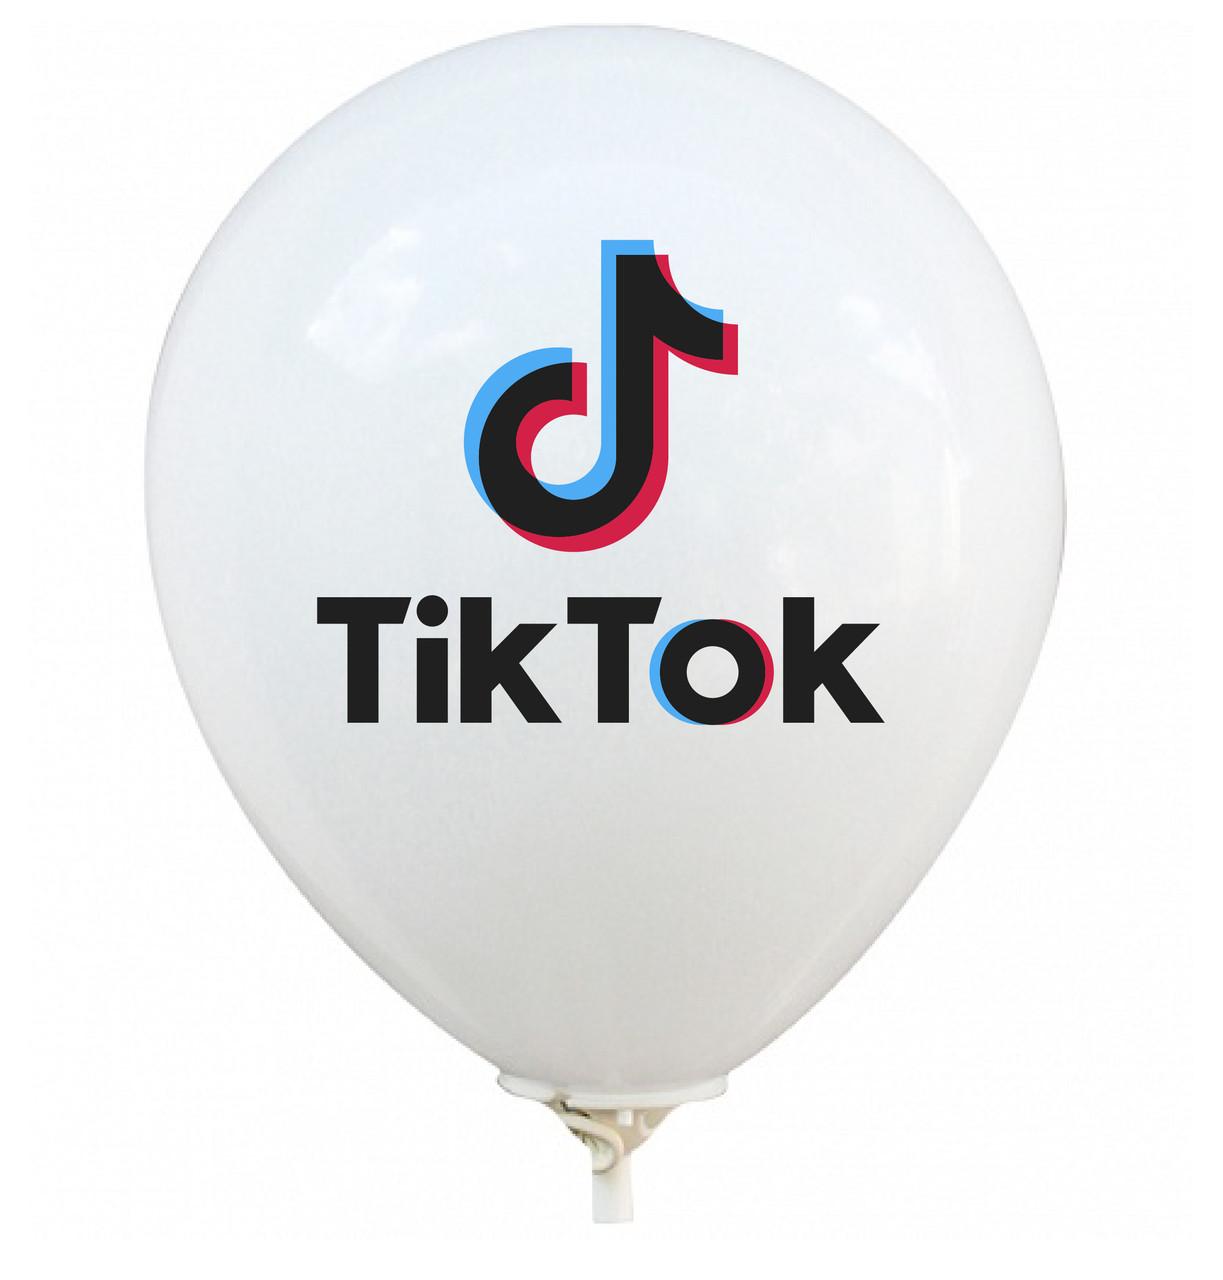 """Латексна кулька 12"""" біла малюнком """"TikTok"""" (BelBal)"""